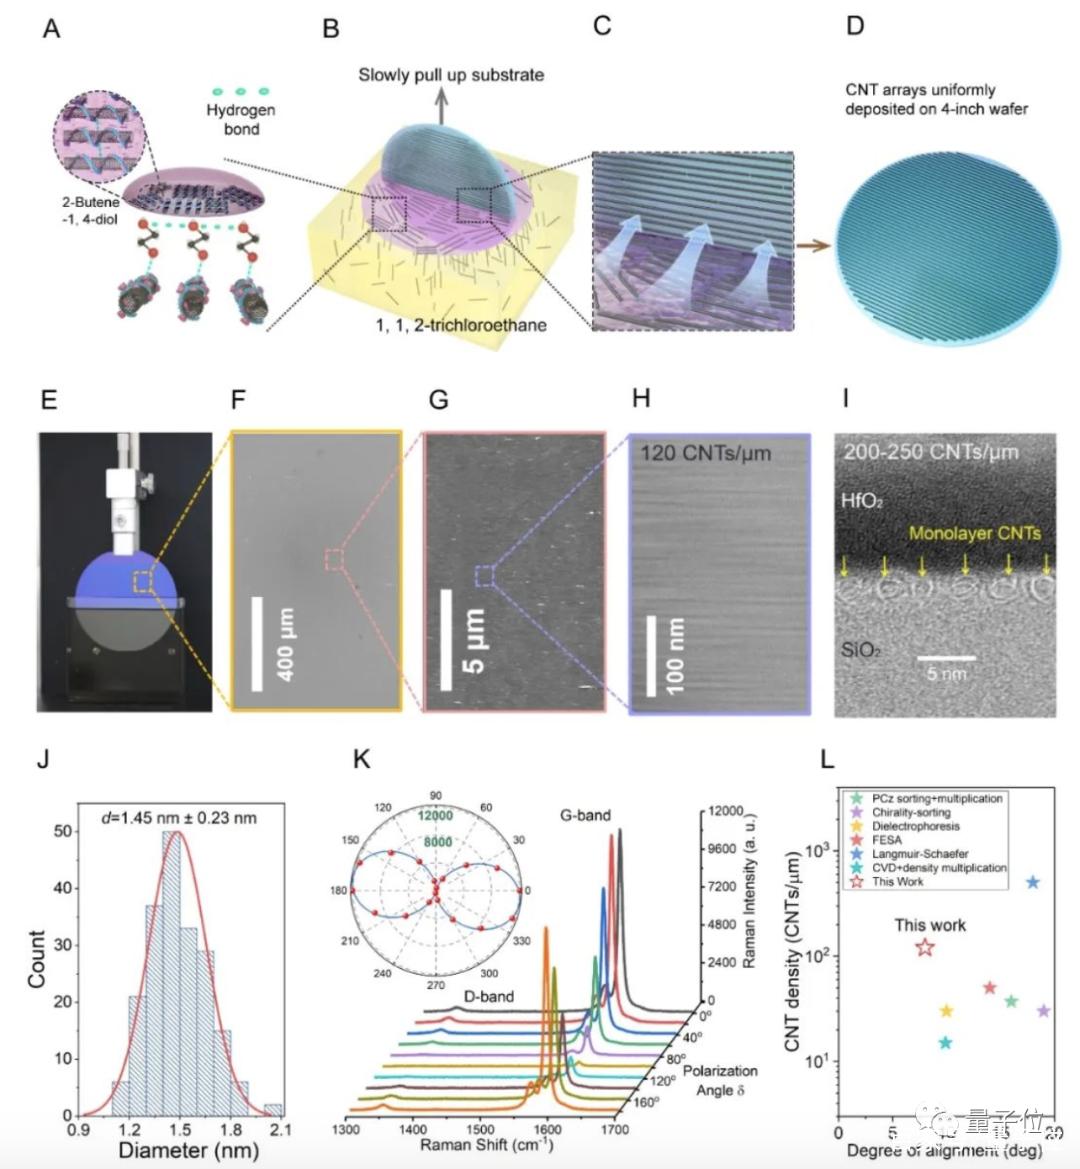 向碳基芯片更进一步:台积电斯坦福联手开发碳纳米管晶体管新工艺